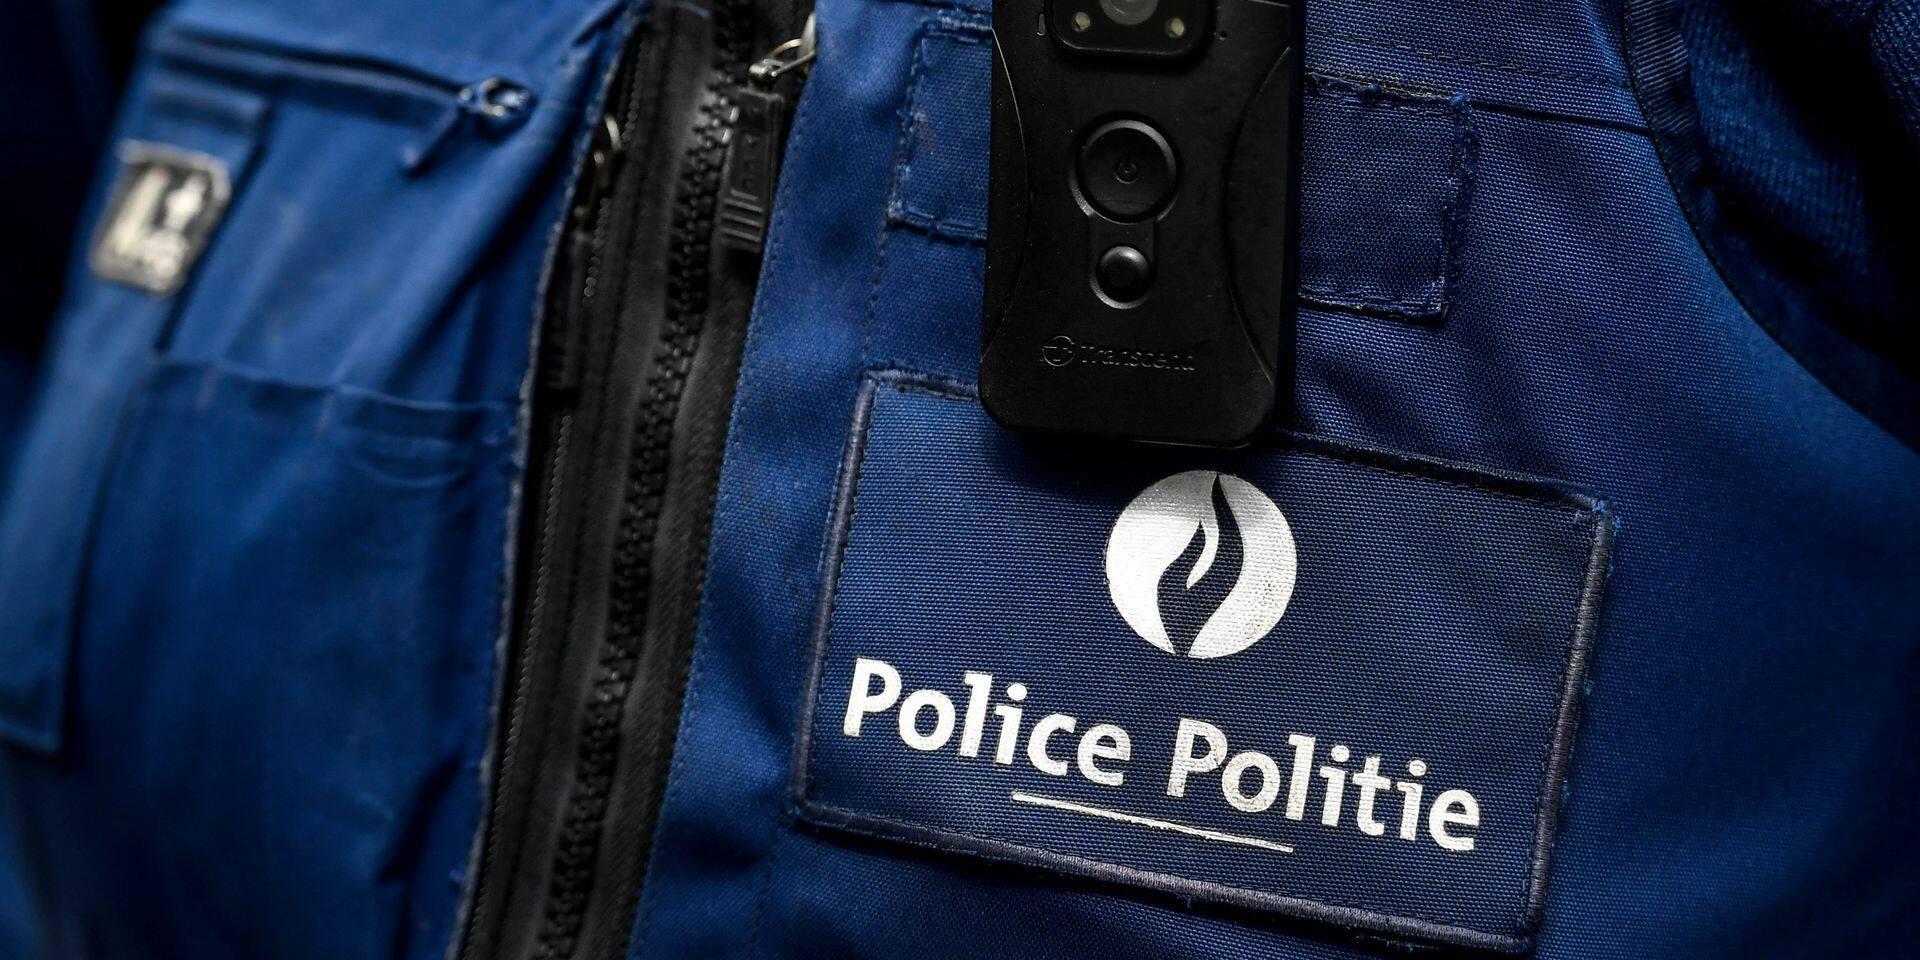 Découverte suspecte: un corps retrouvé dans un parc à Beveren